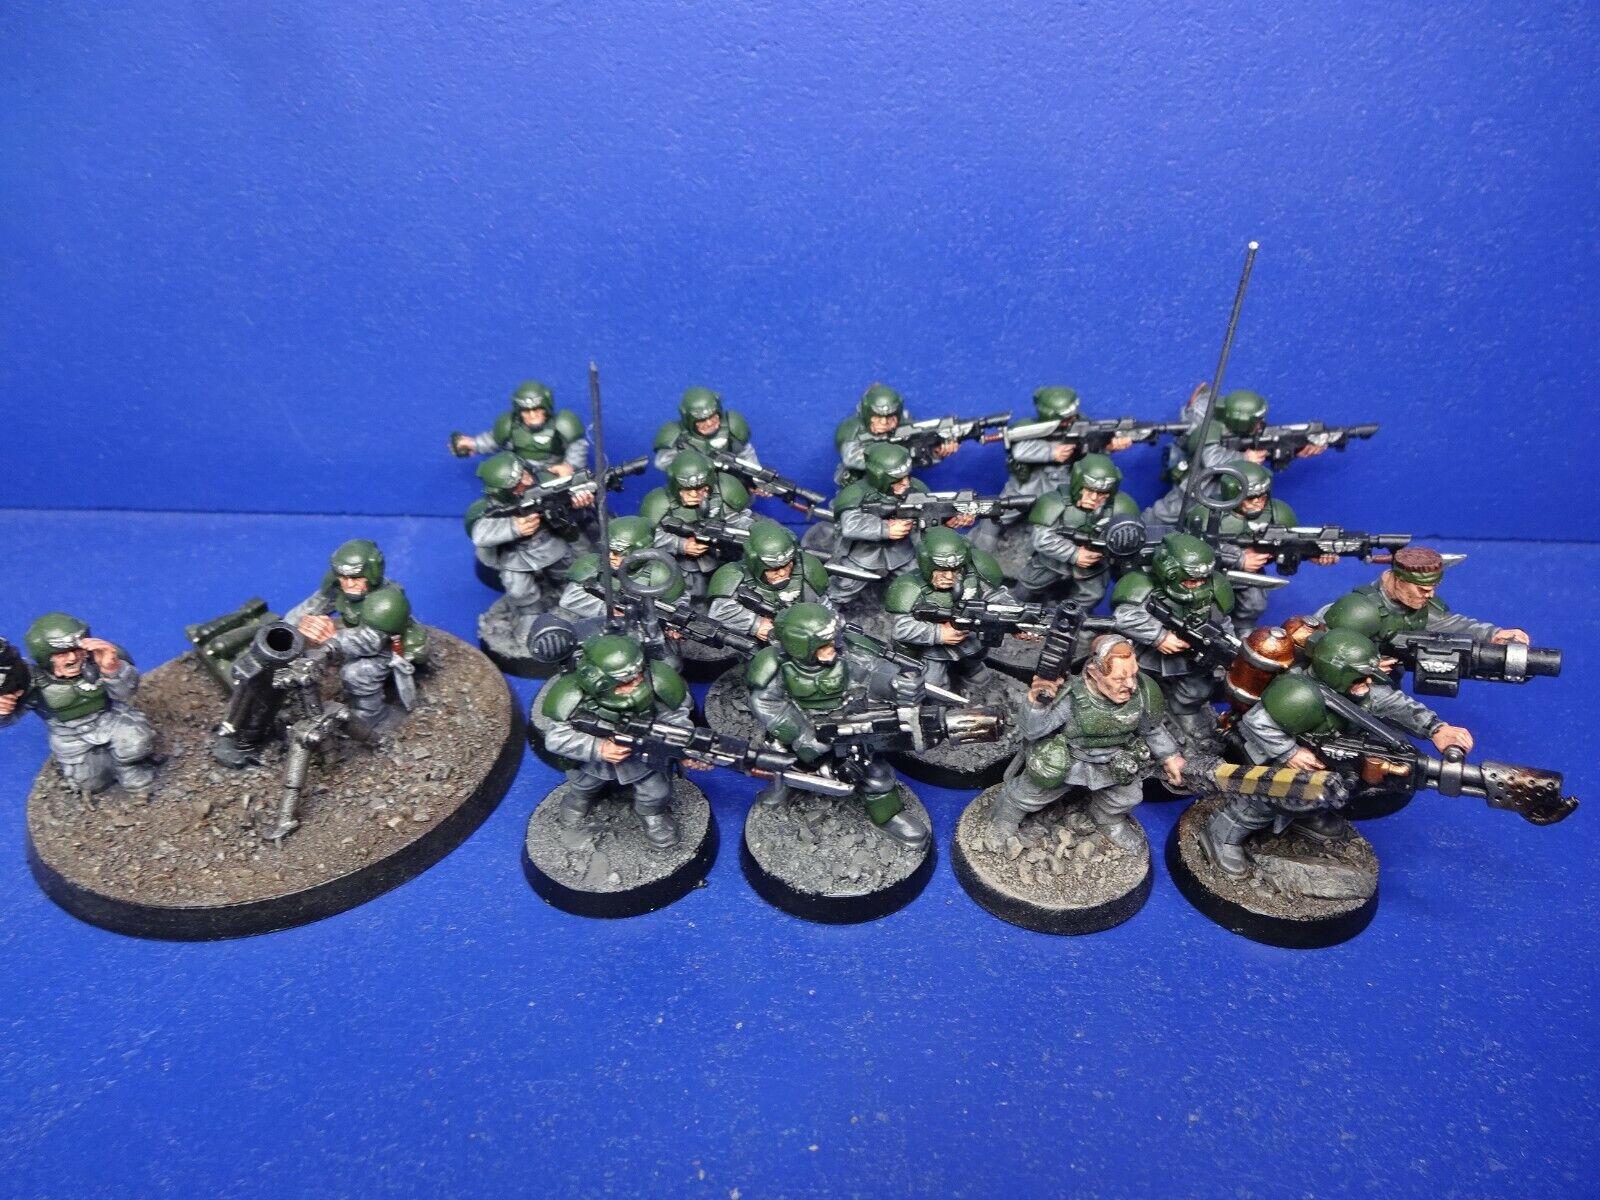 18 cadianer  + armi squadra + specialeee Arma Dei Imperiale Esercito Dipinto Bene  ordina ora goditi un grande sconto